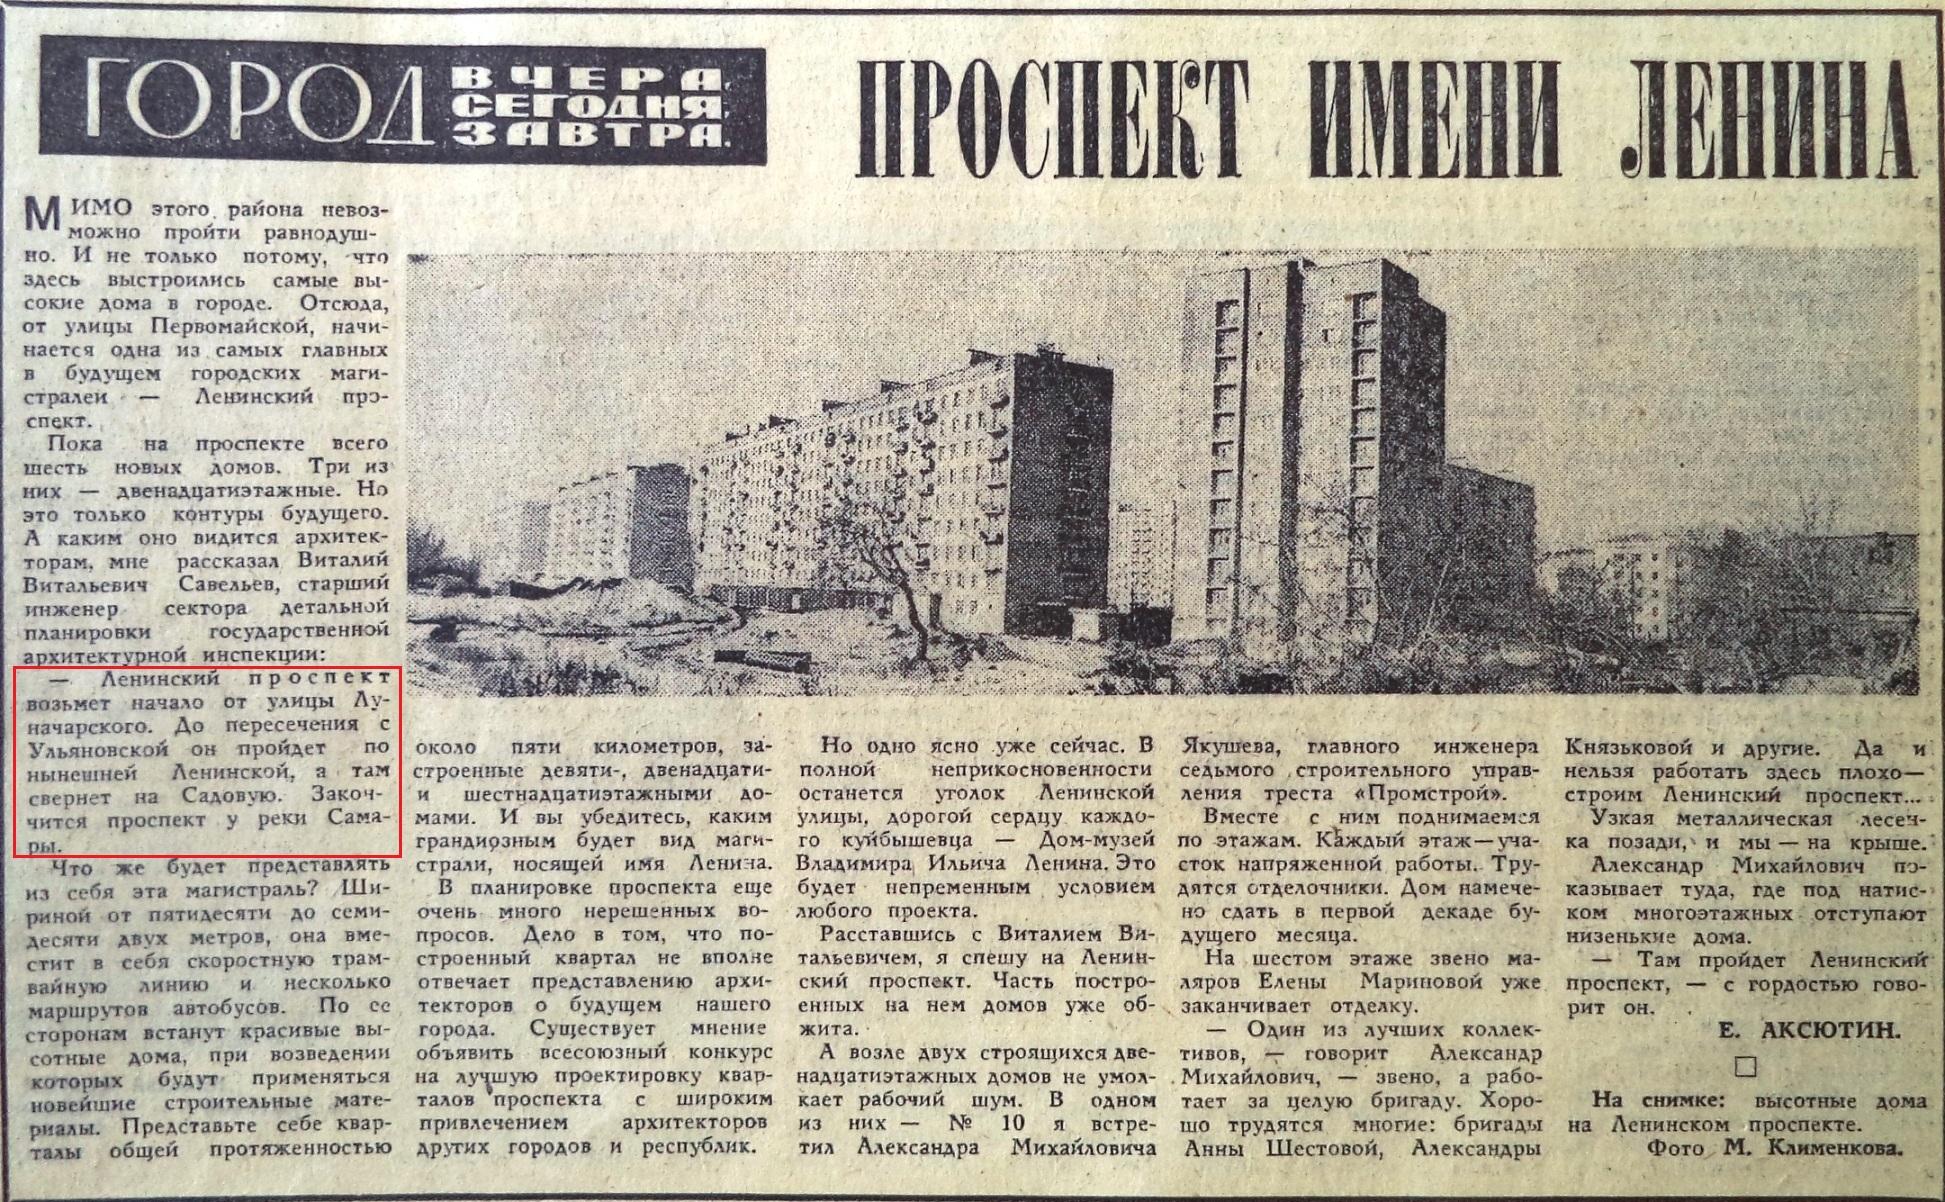 ФОТО-11-Ленина-ВЗя-1969-02-26-репортаж-с-пр.-Лен.